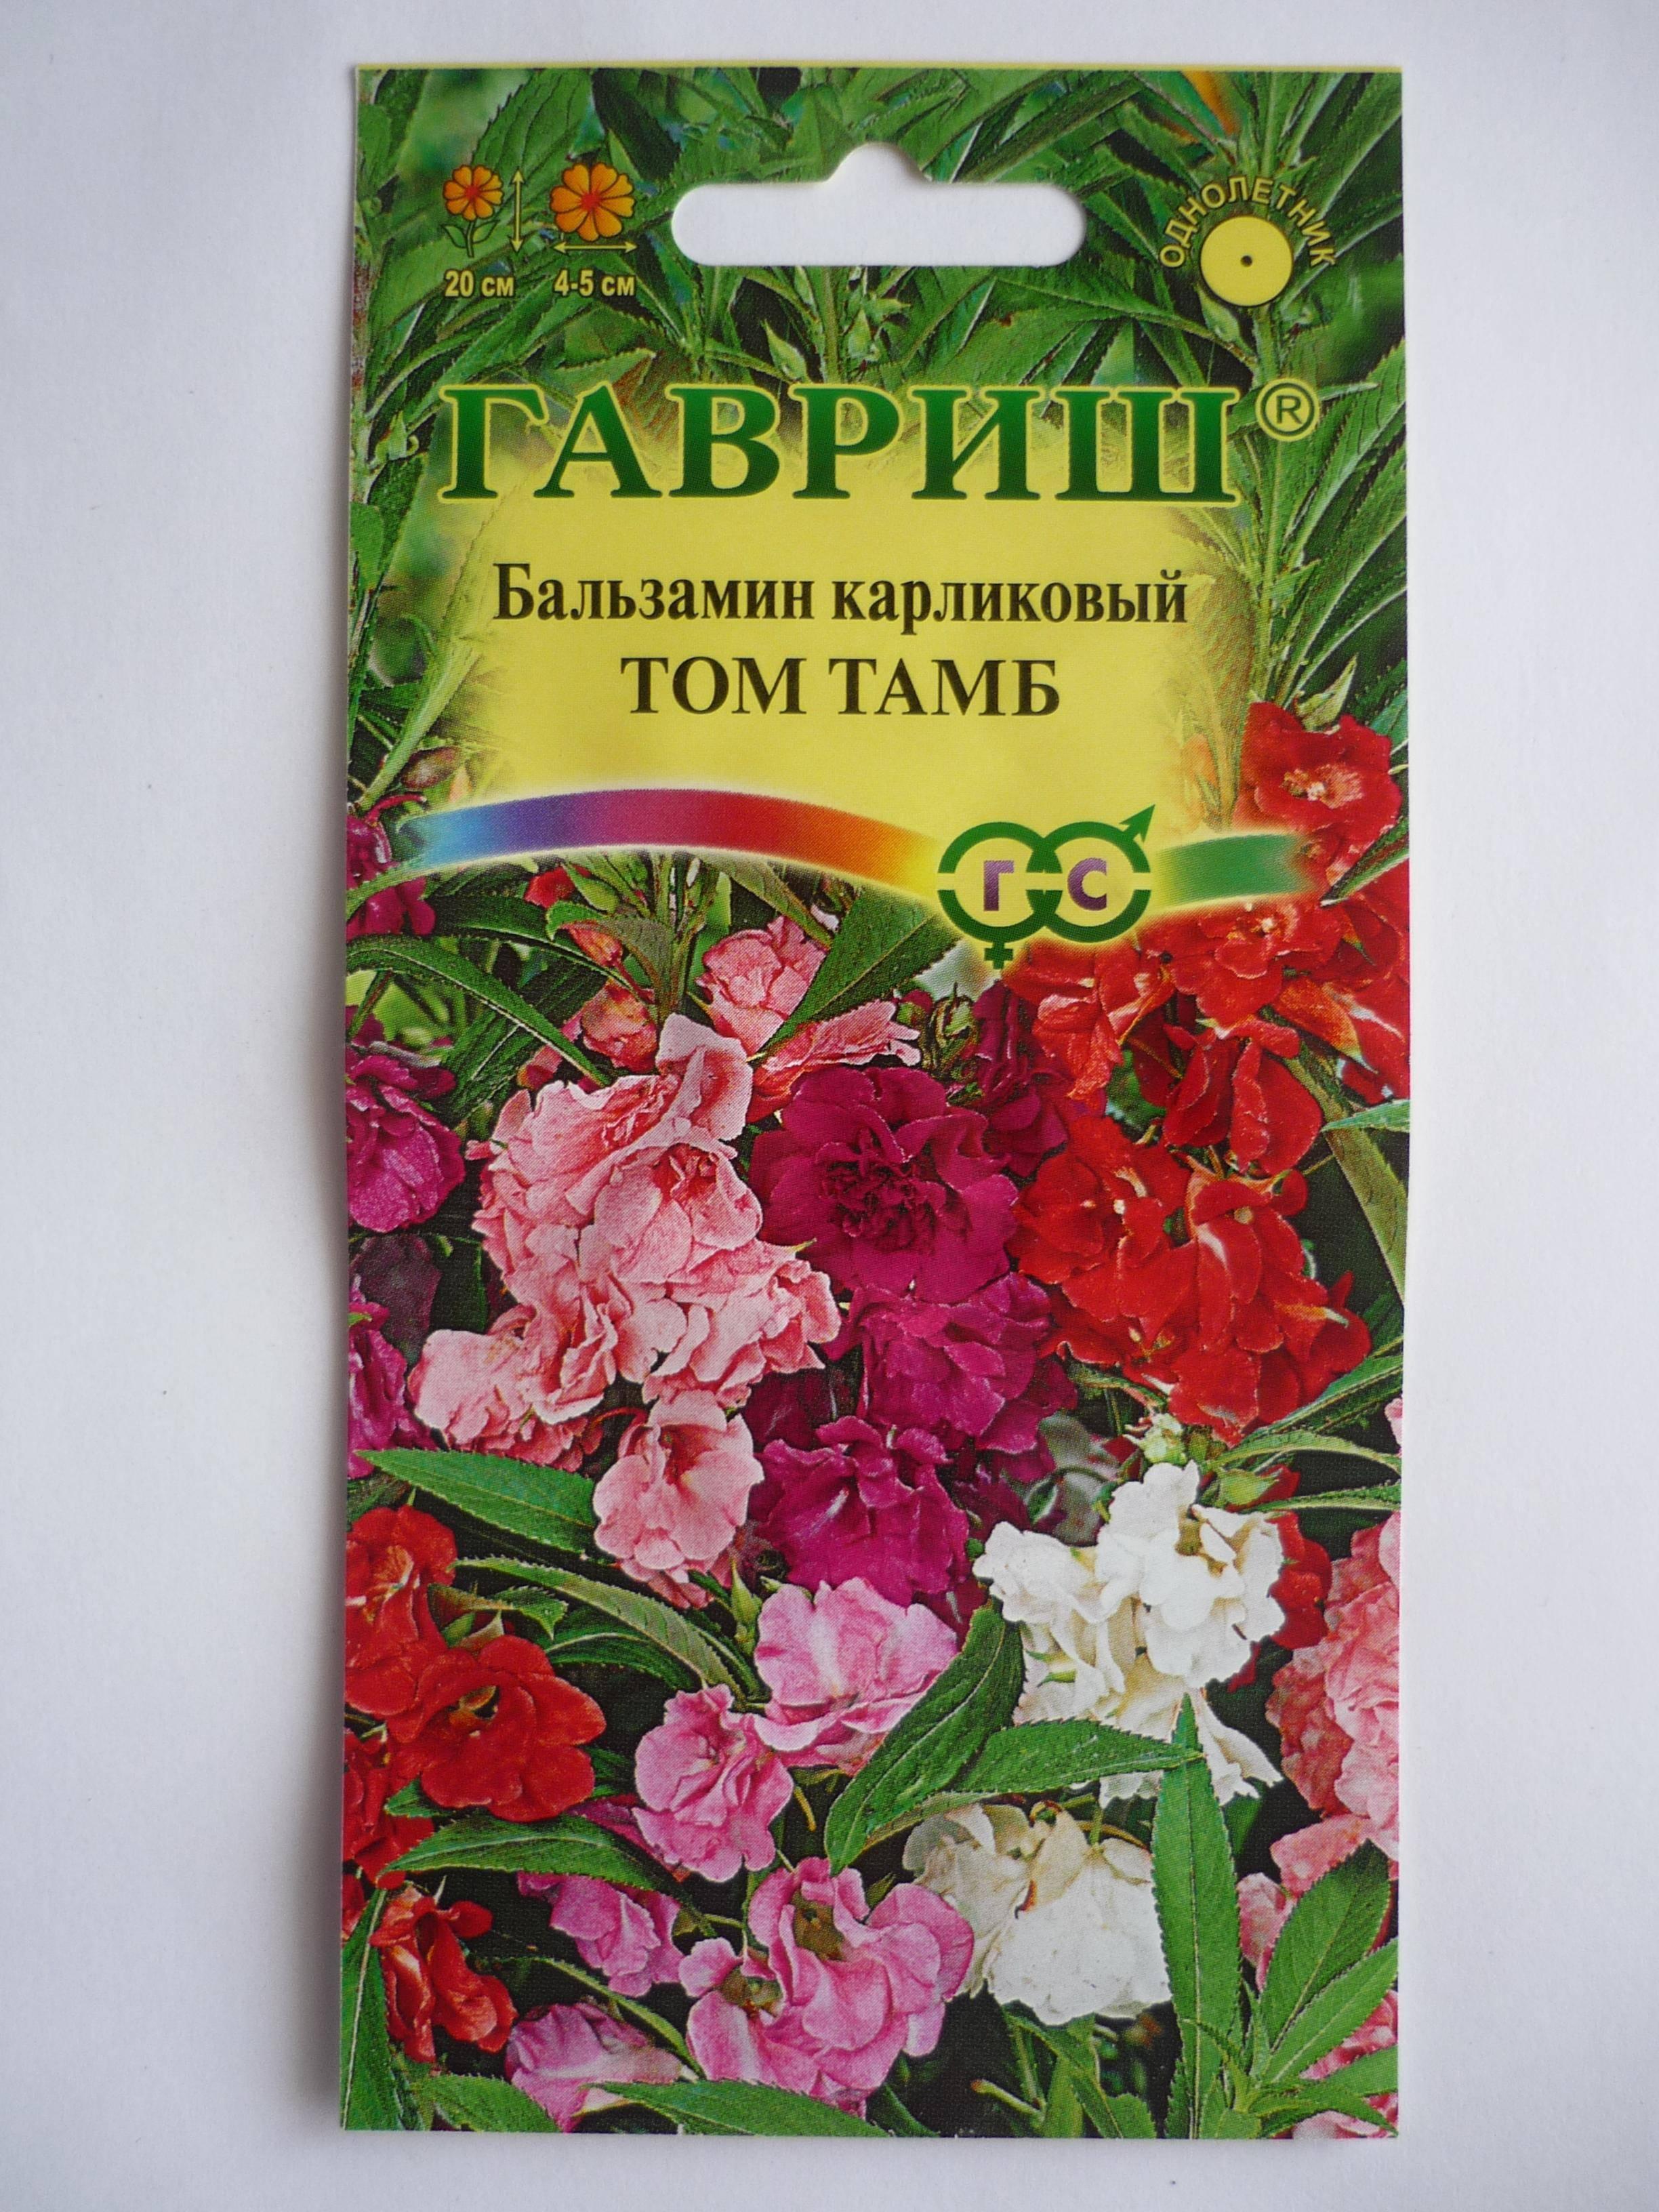 Как вырастить бальзамин из семян: пошаговая инструкция